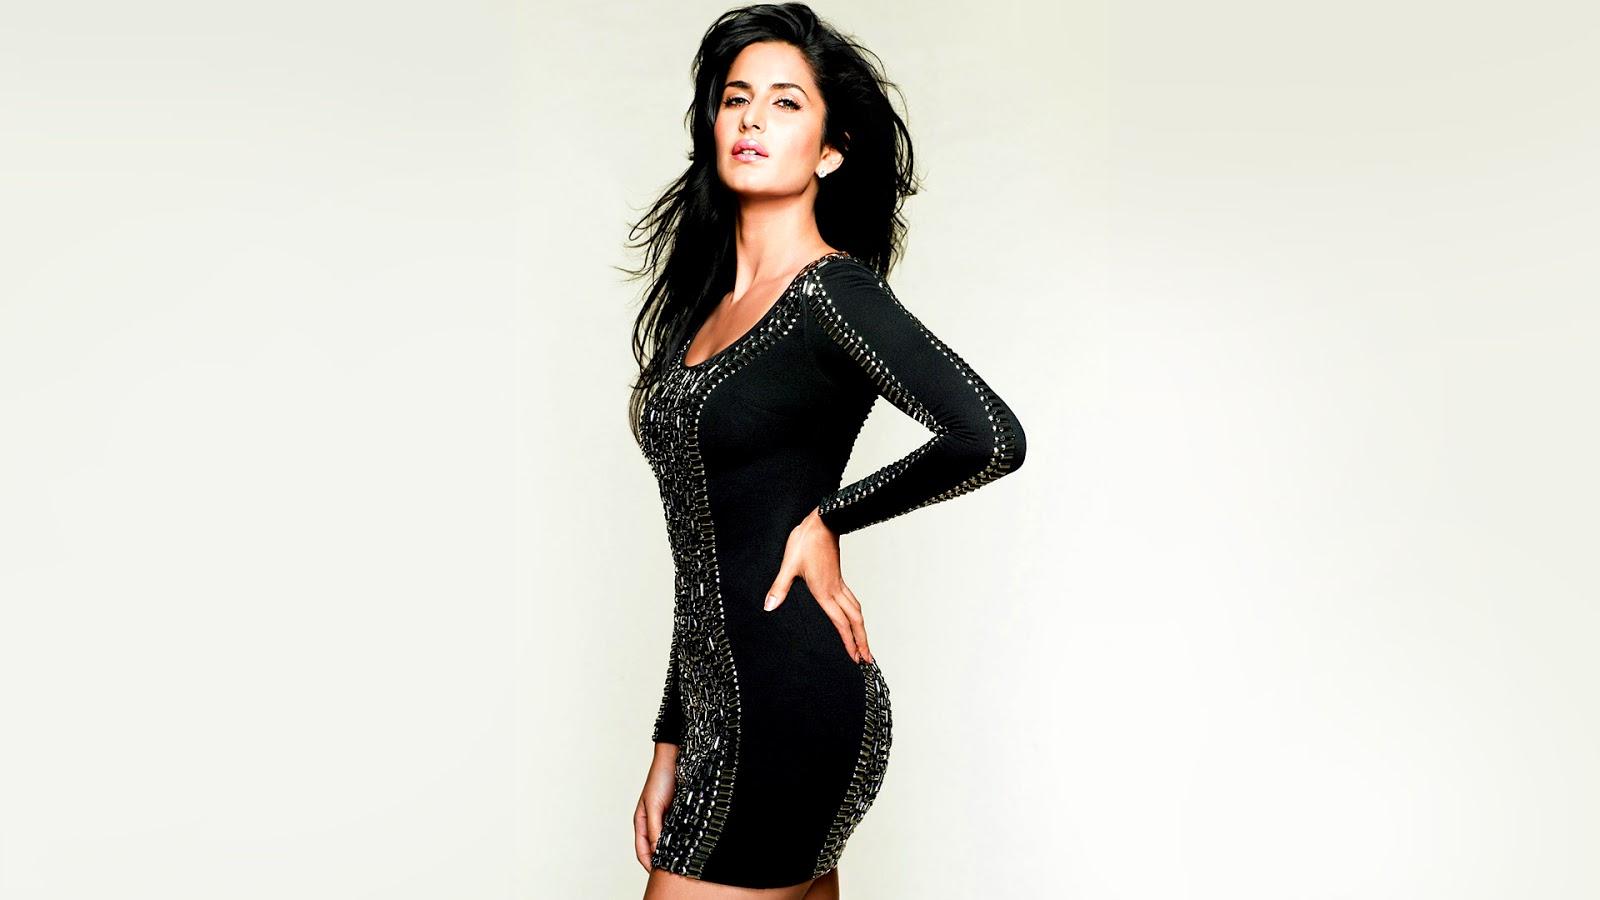 Katrina Kaif Wallpapers Hd Download Free 1080p